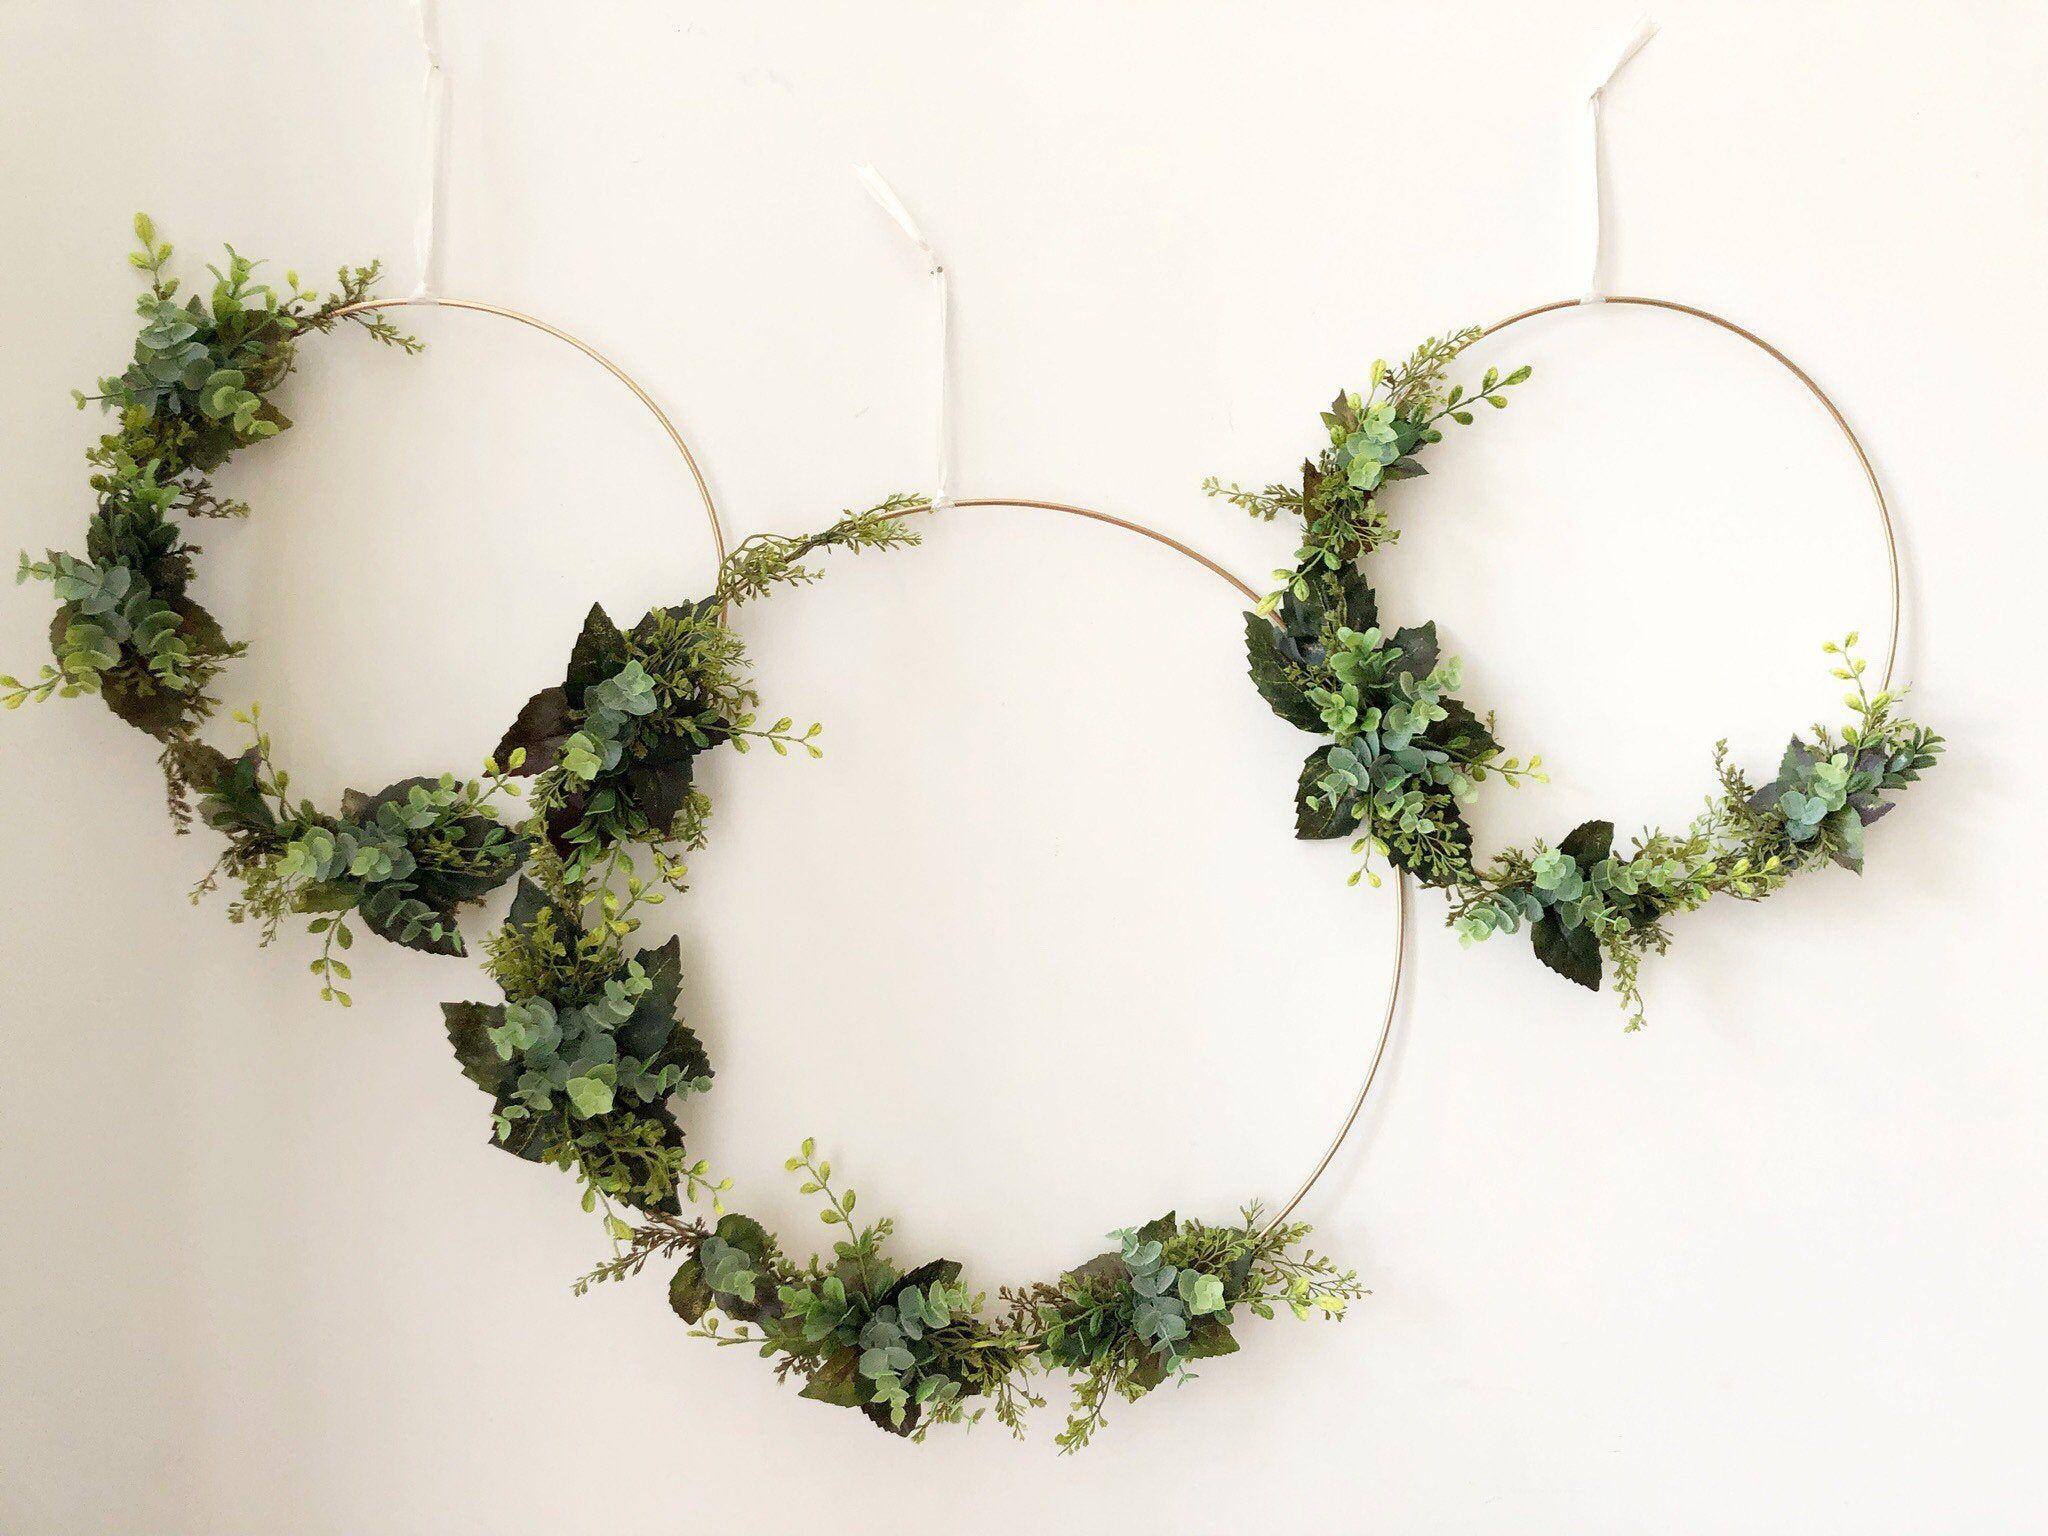 """Photo of Set of 3 – Nursery Floral Hoop Wreaths, 19 """", 14"""", and 12 """", Floral Wreaths For Nursery, Nursery Wall Decor, Greenery Hoop Wreaths"""